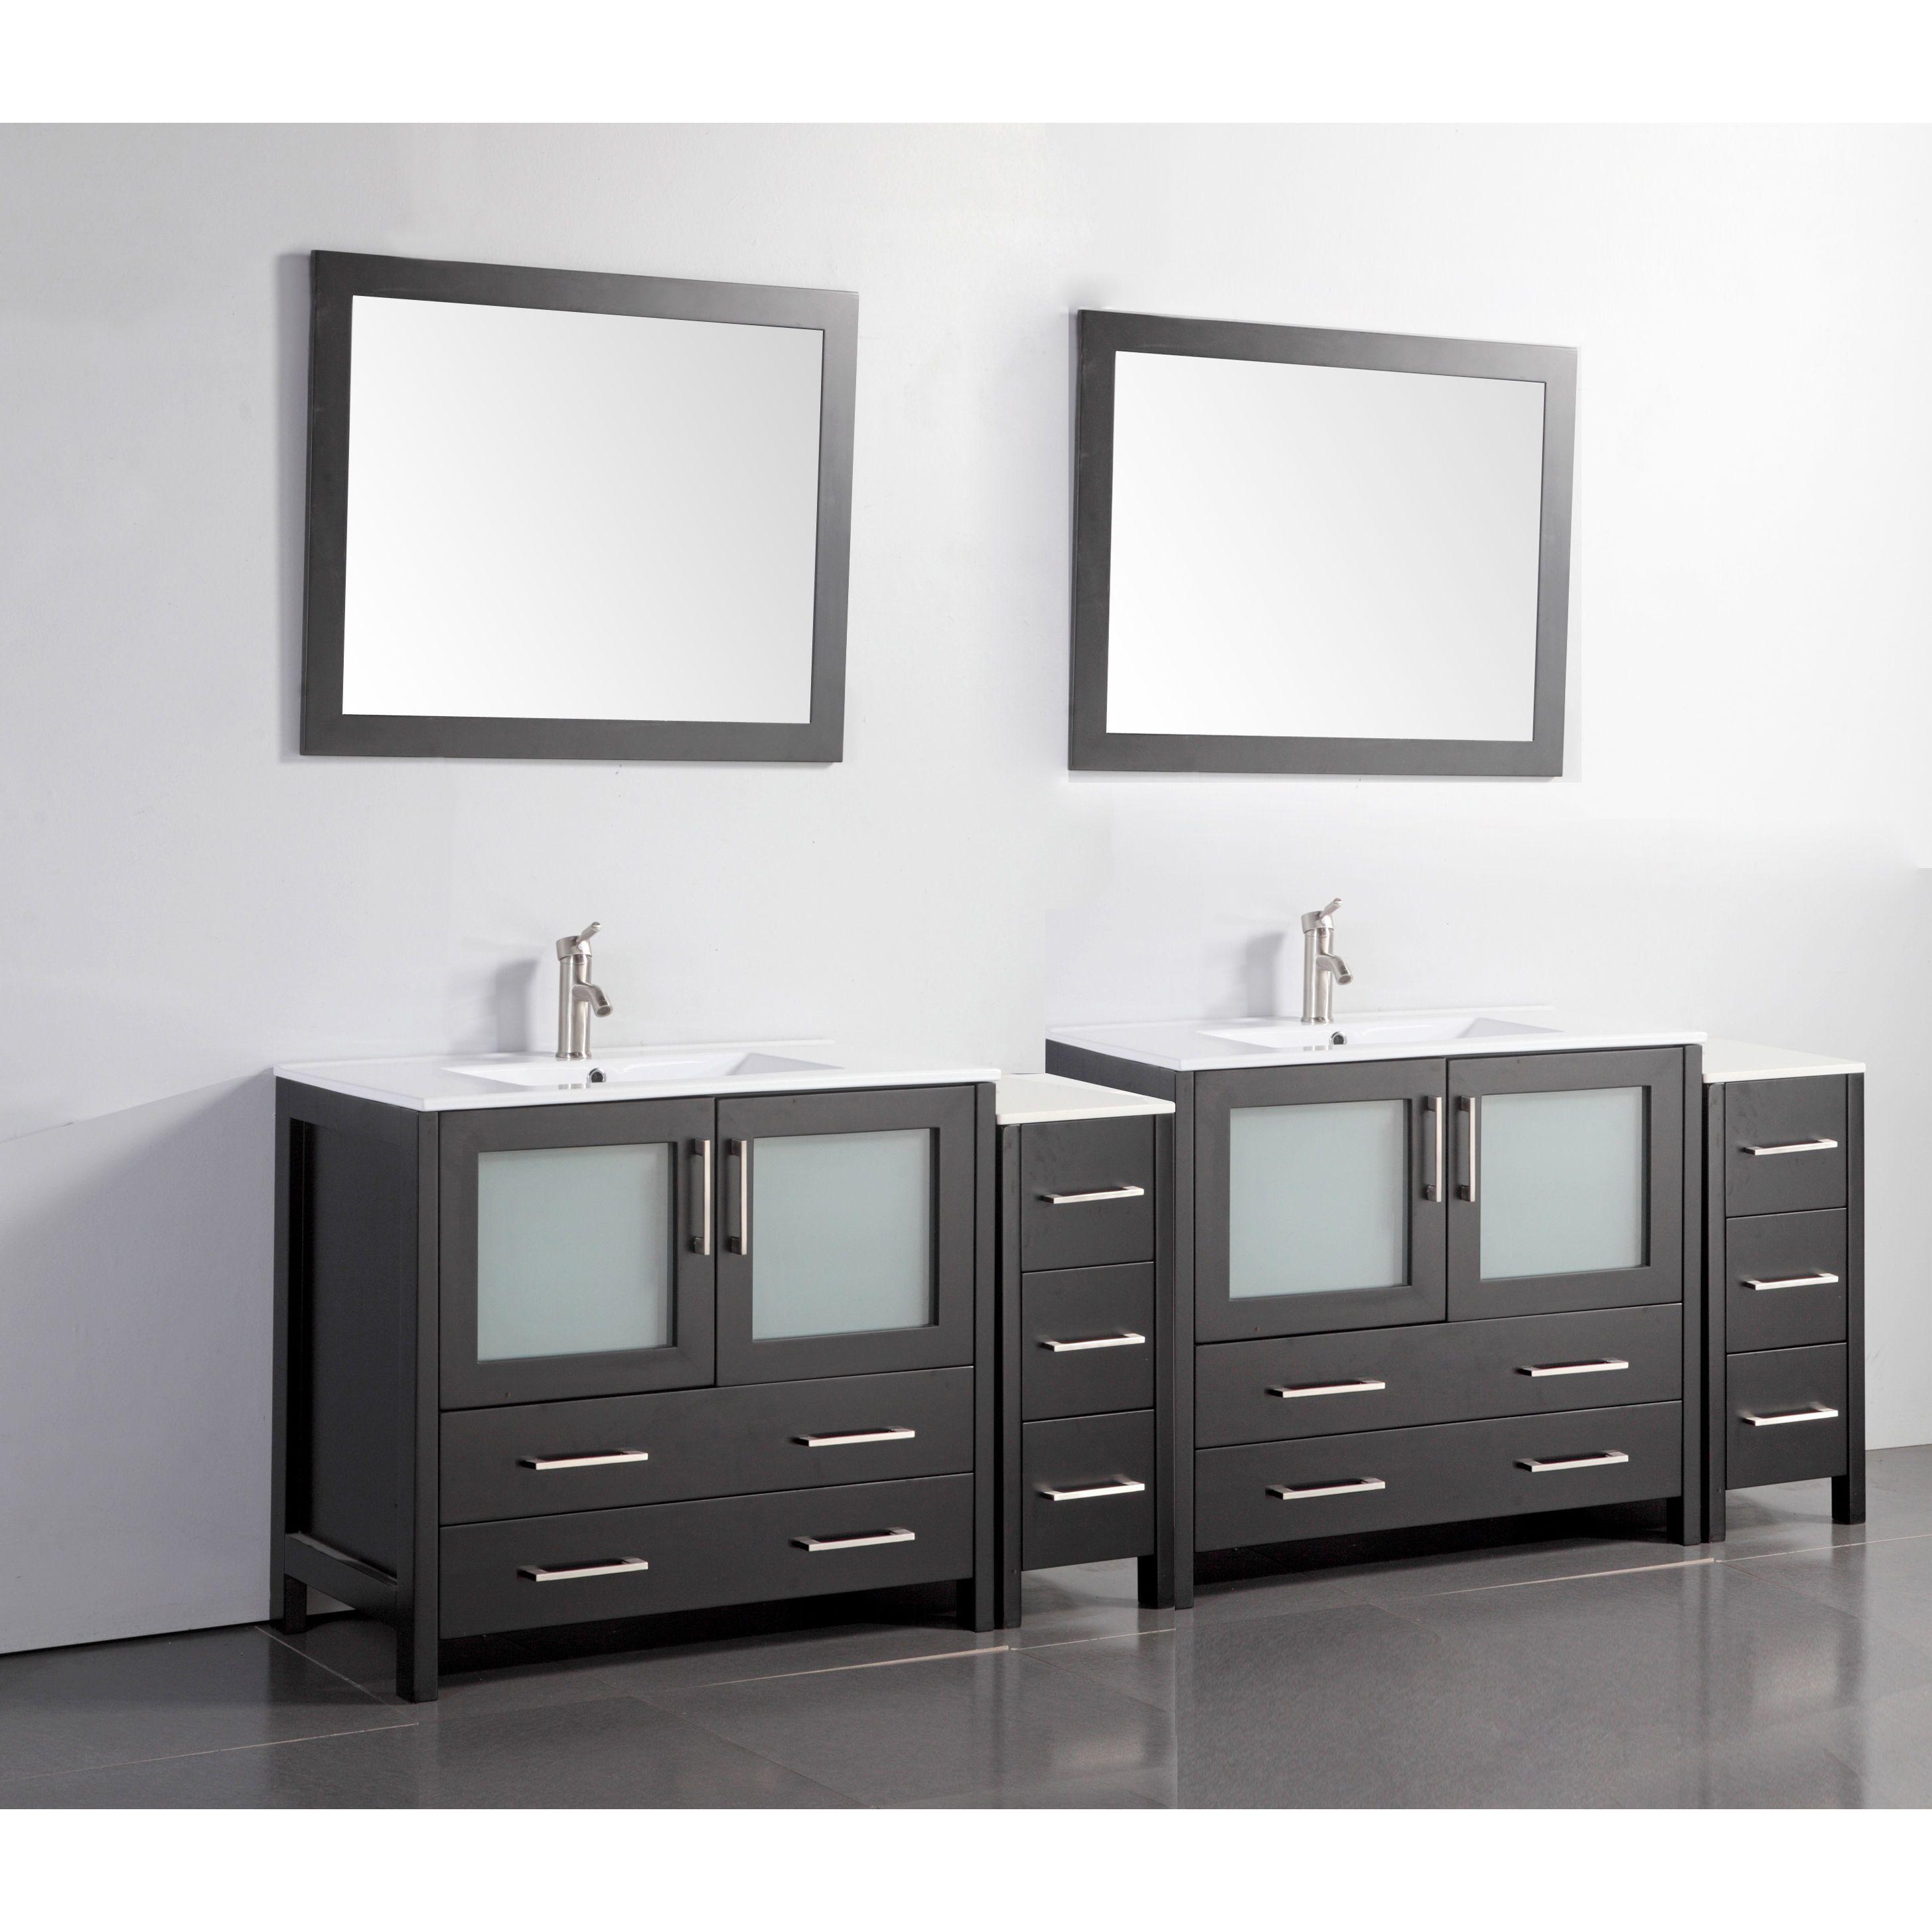 Vanity Art 96 Inch Double Sink Bathroom Vanity Set 10 Drawers 4